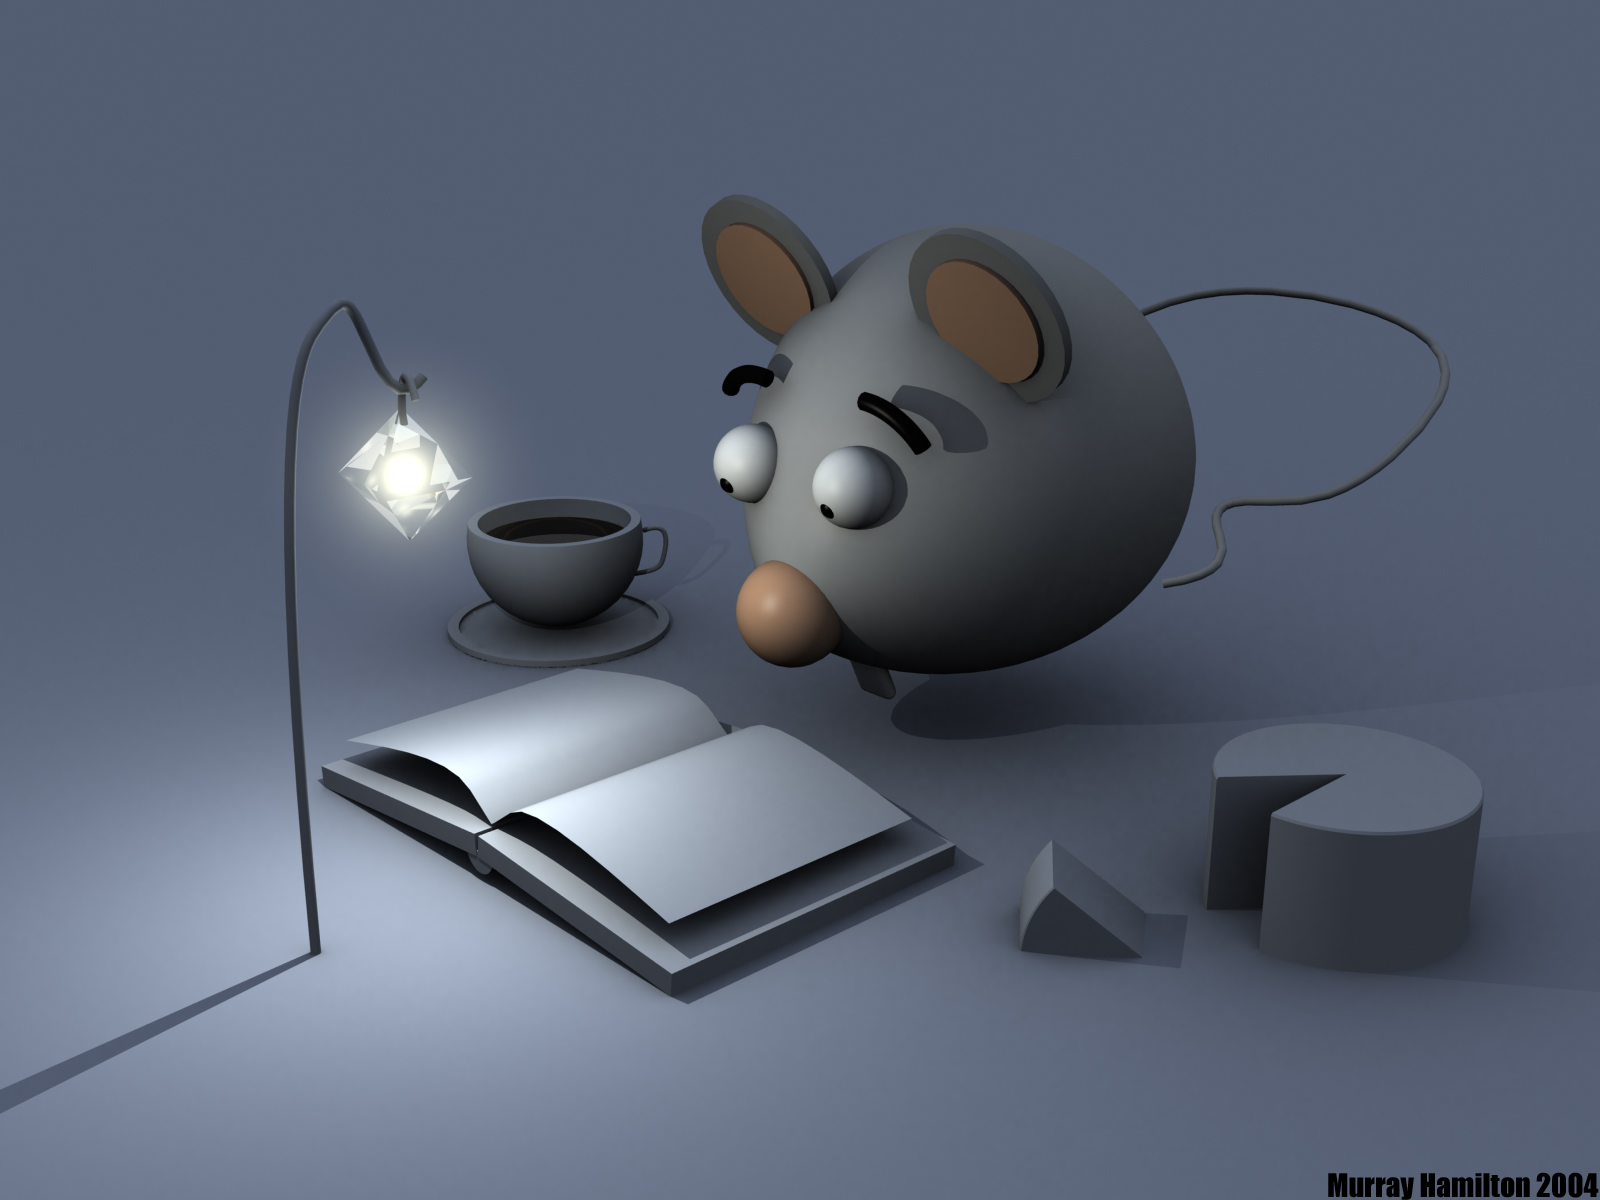 http://4.bp.blogspot.com/_l9ace8wjhdw/TQSf4glcjPI/AAAAAAAAAFA/8DI118SKLpE/s1600/funny-cartoon-wallpaper.jpg